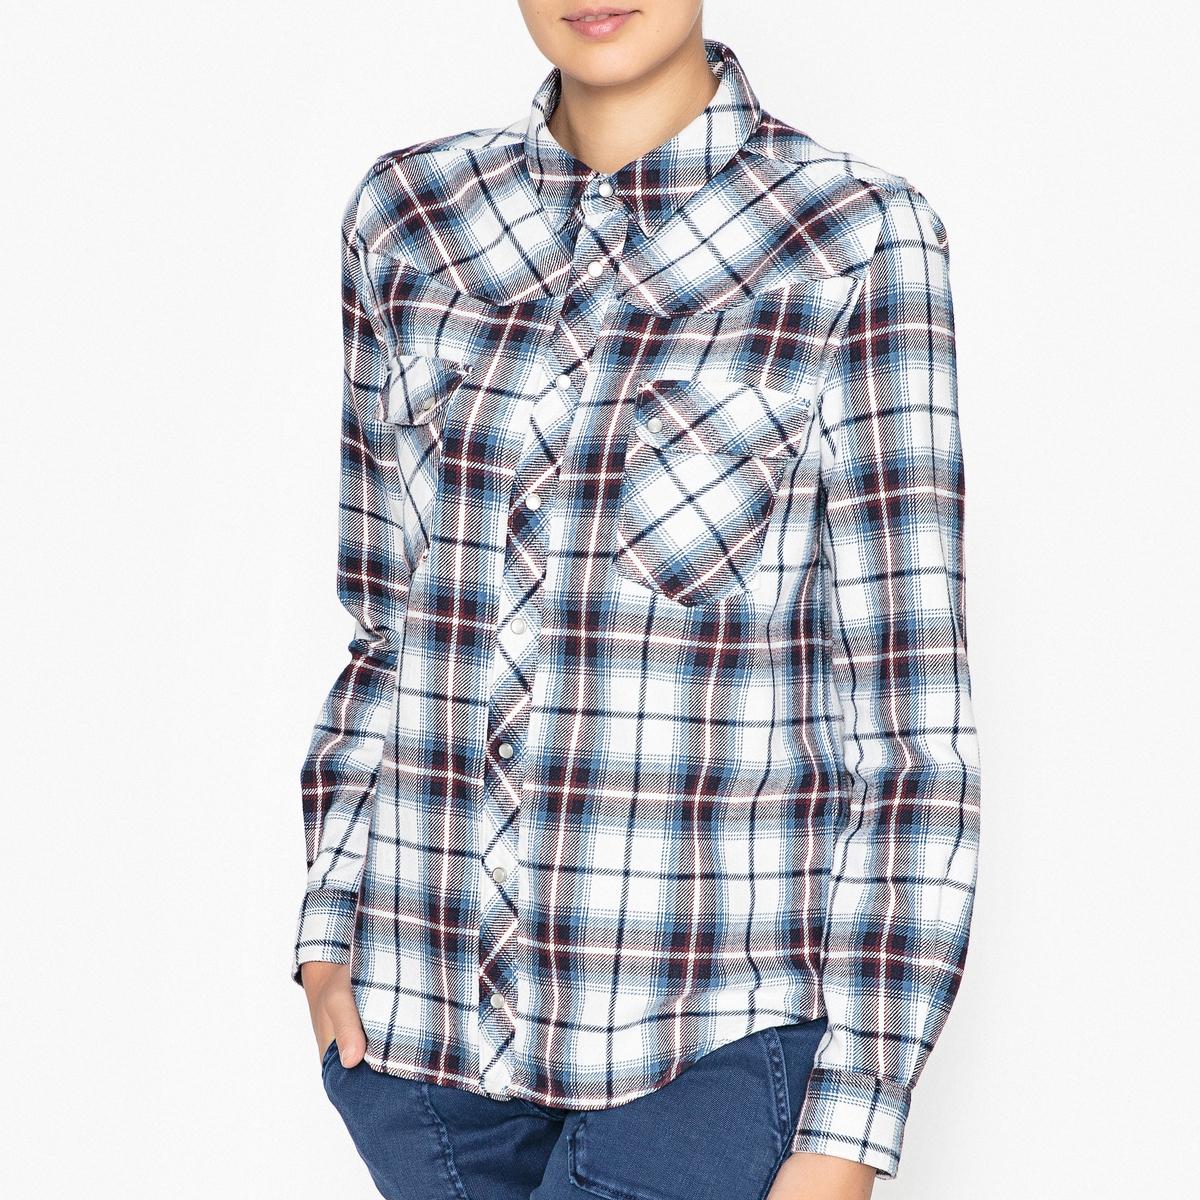 Рубашка в клетку TBRIDGETРубашка BA&amp;SH - модельTBRIDGET с клетчатым рисунком и вставками на плечах.Детали   •  Длинные рукава  •  Прямой покрой  •  Воротник-поло, рубашечный  •  Рисунок в клетку Состав и уход   •  100% хлопок  •  Следуйте советам по уходу, указанным на этикетке •  2 накладных кармана на груди •  Манжеты на пуговицах<br><br>Цвет: белый/ синий